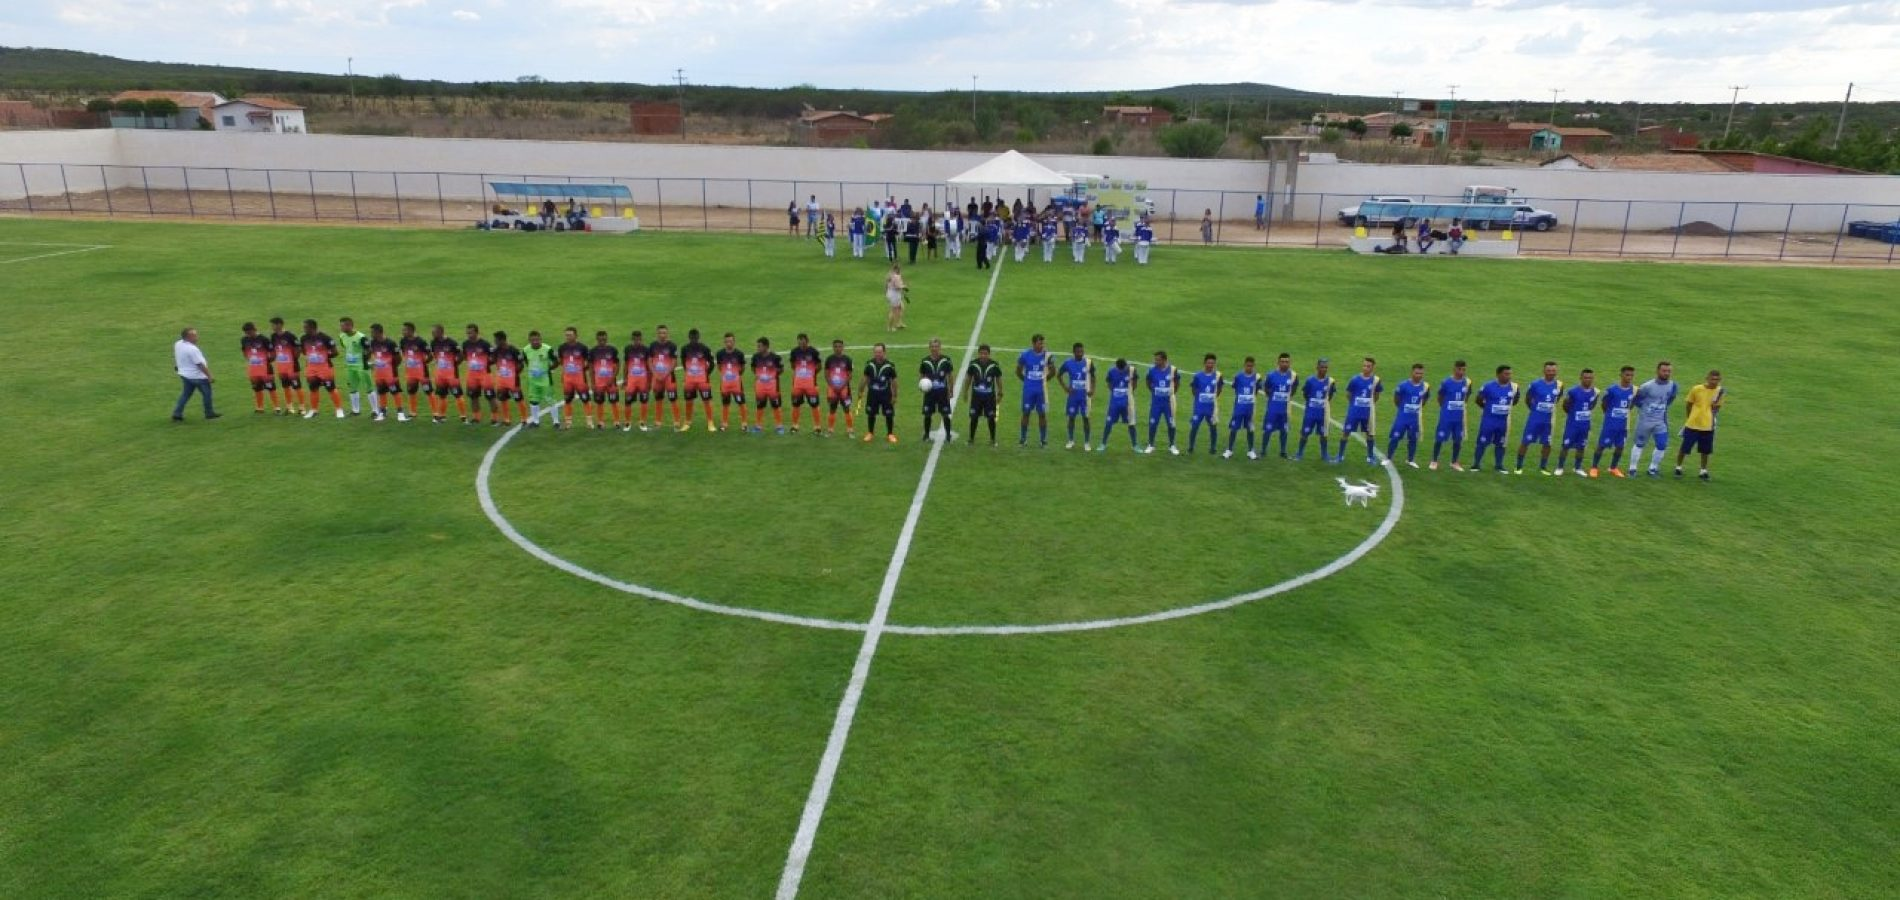 CARIDADE | Estádio recebe a primeira competição oficial; Campeonato é aberto com 13 times e R$ 10 mil de premiação